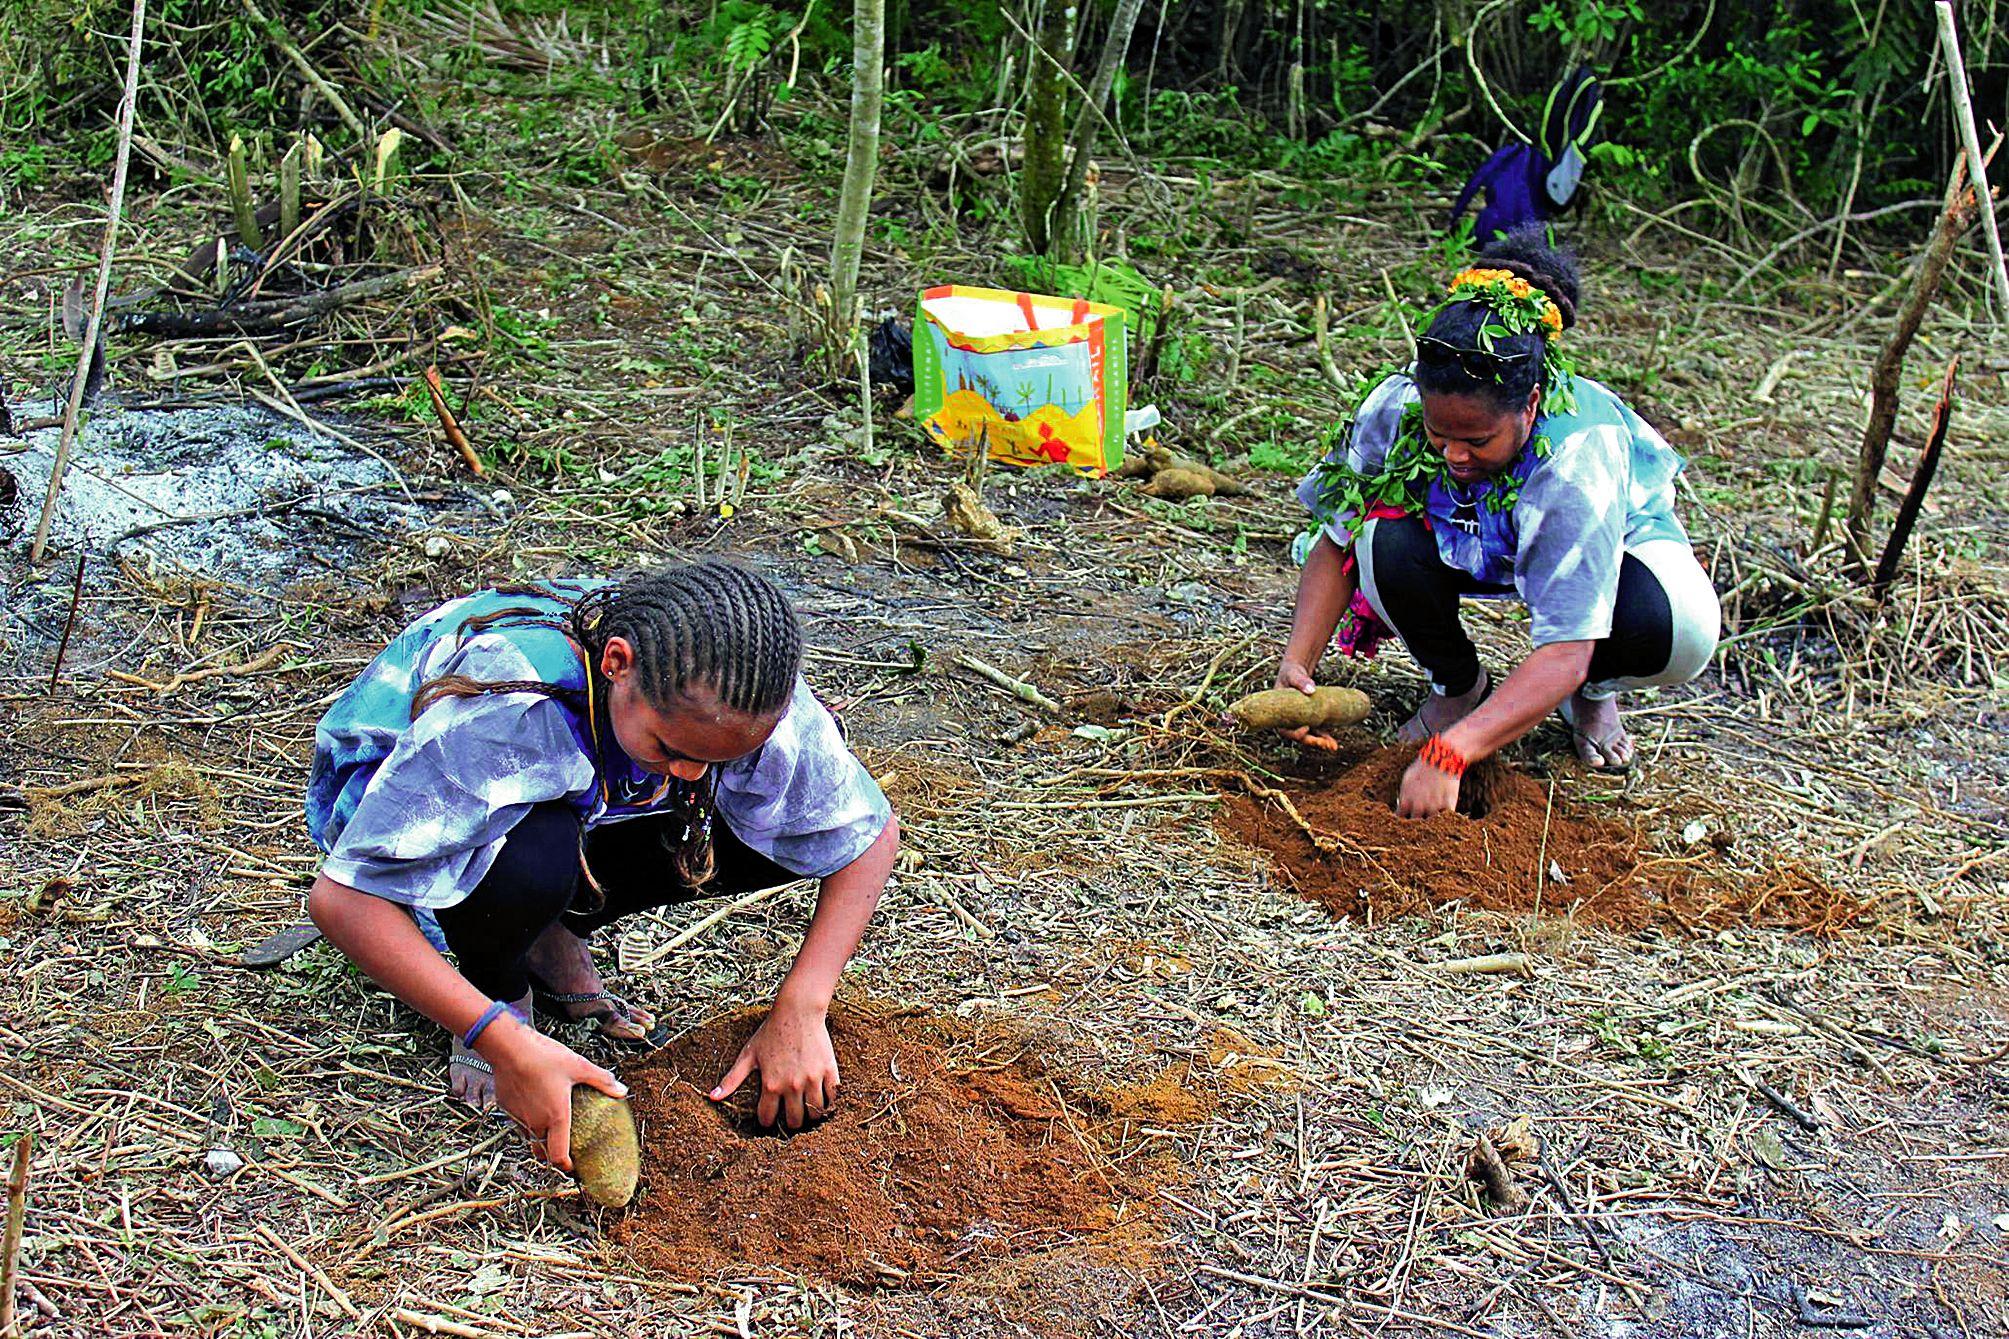 Les enfants ont découvert pour certains la réalisation des différentes étapes d'un champ d'ignames.